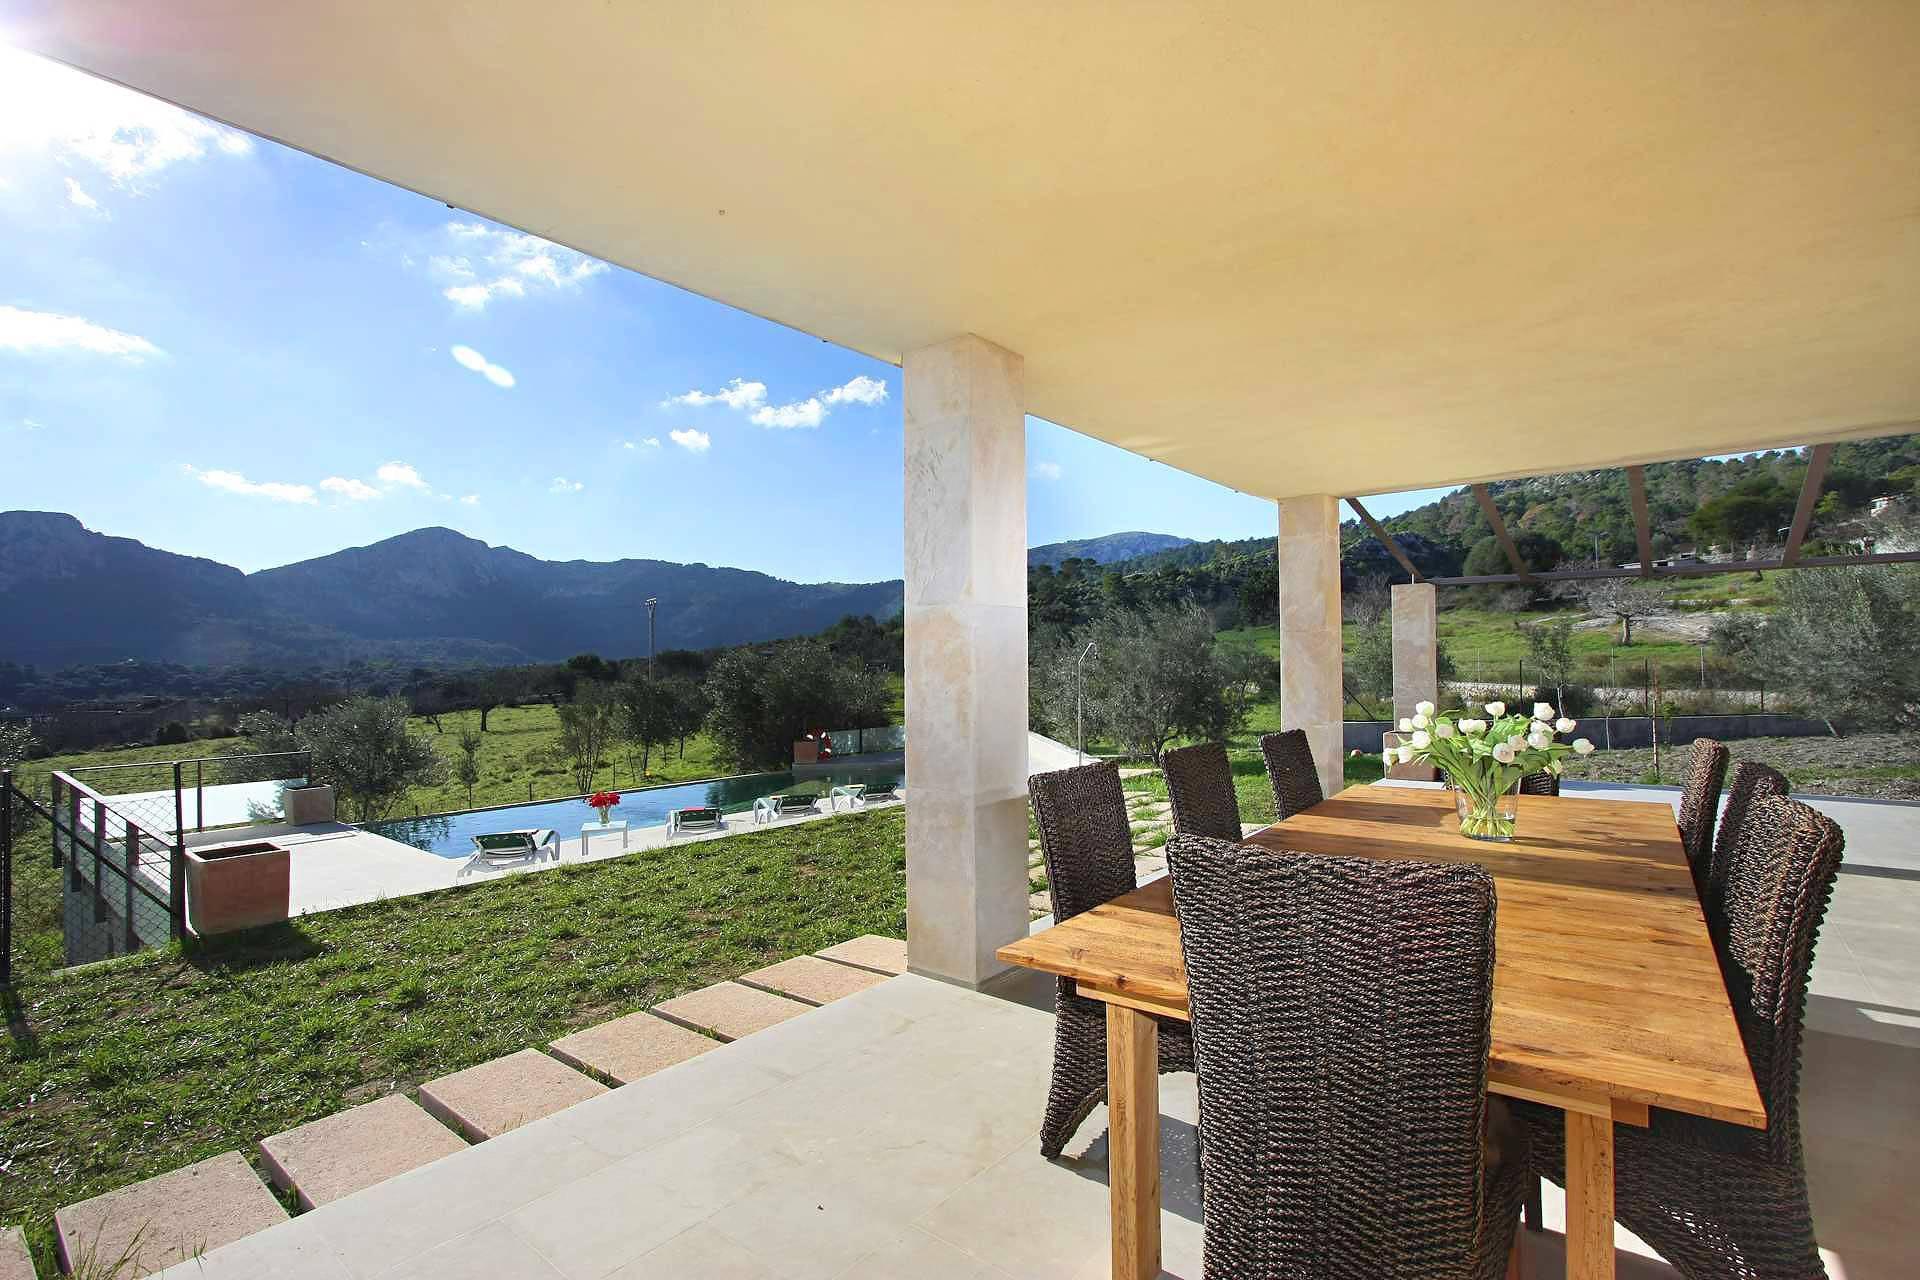 01-36 classic Villa Mallorca north Bild 7